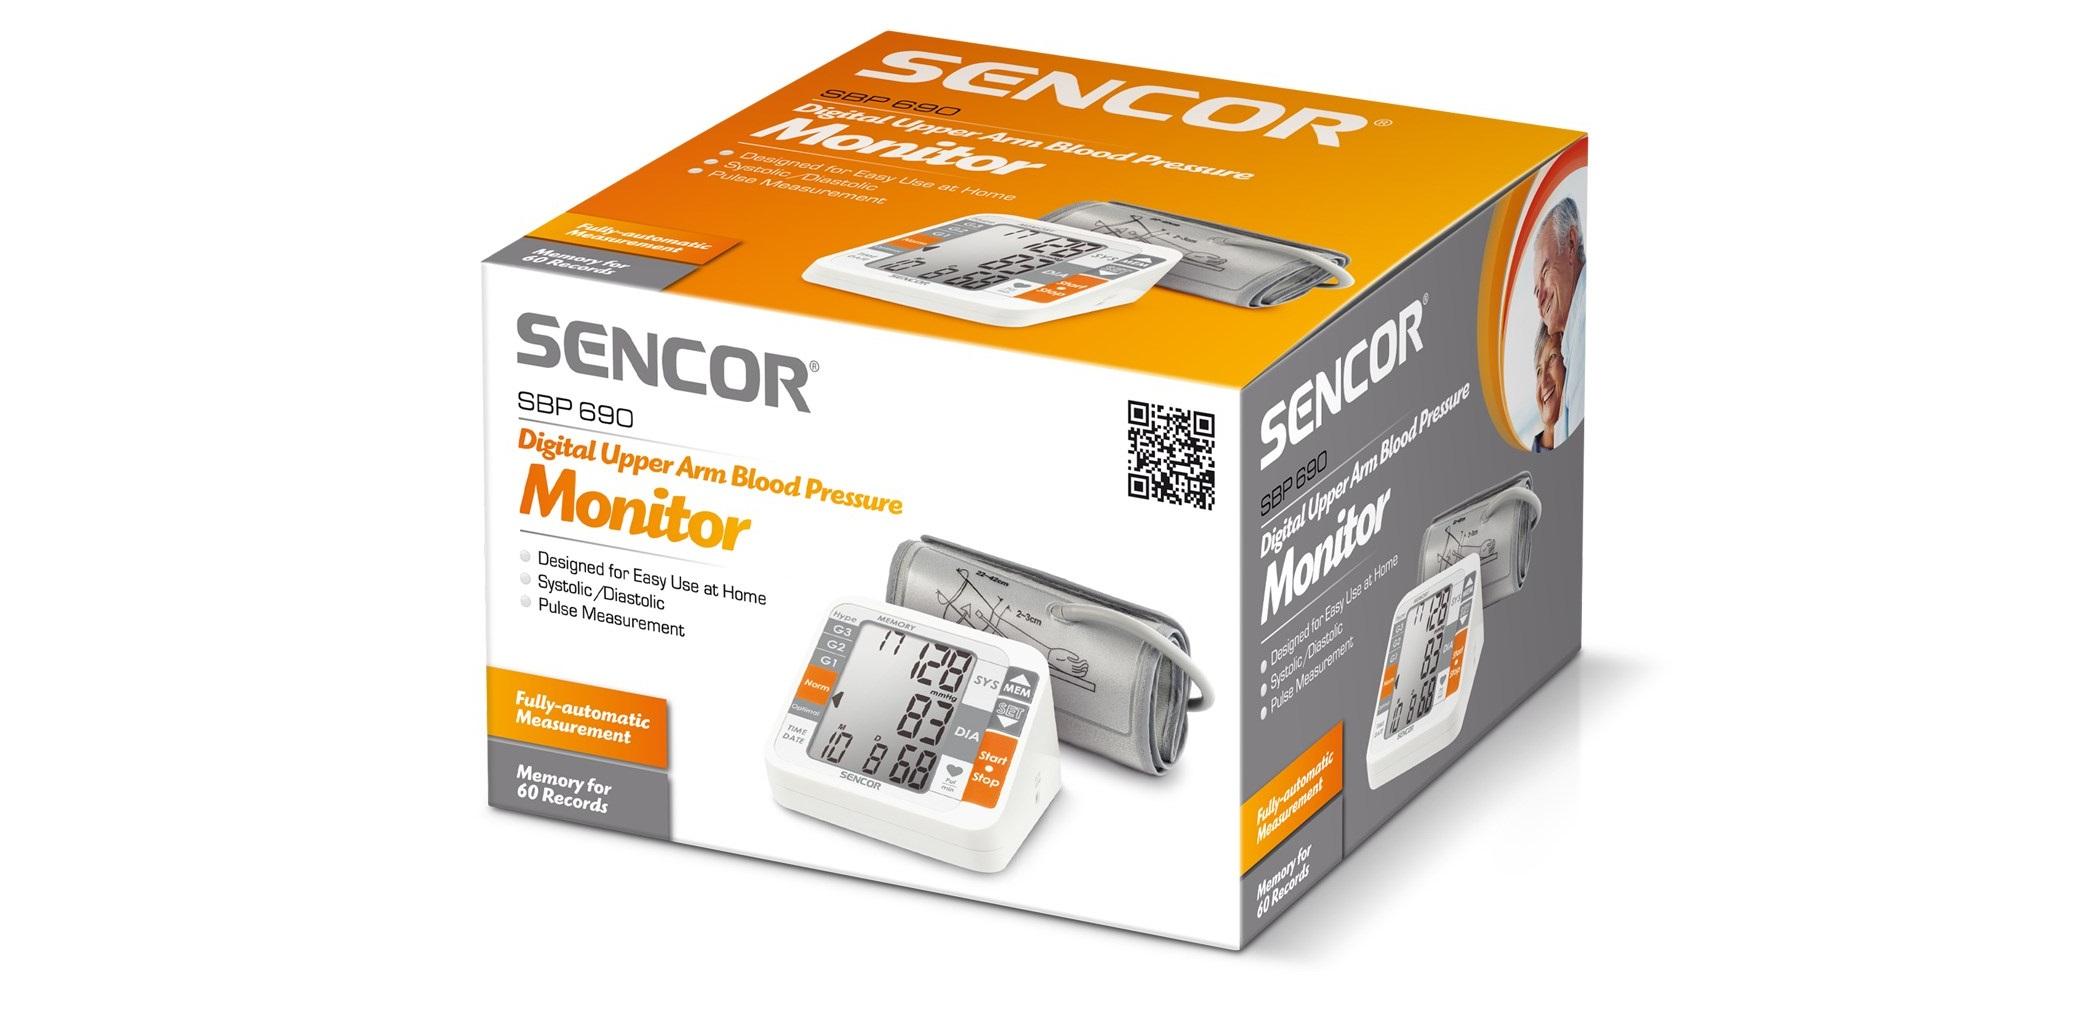 Sencor SBP 690